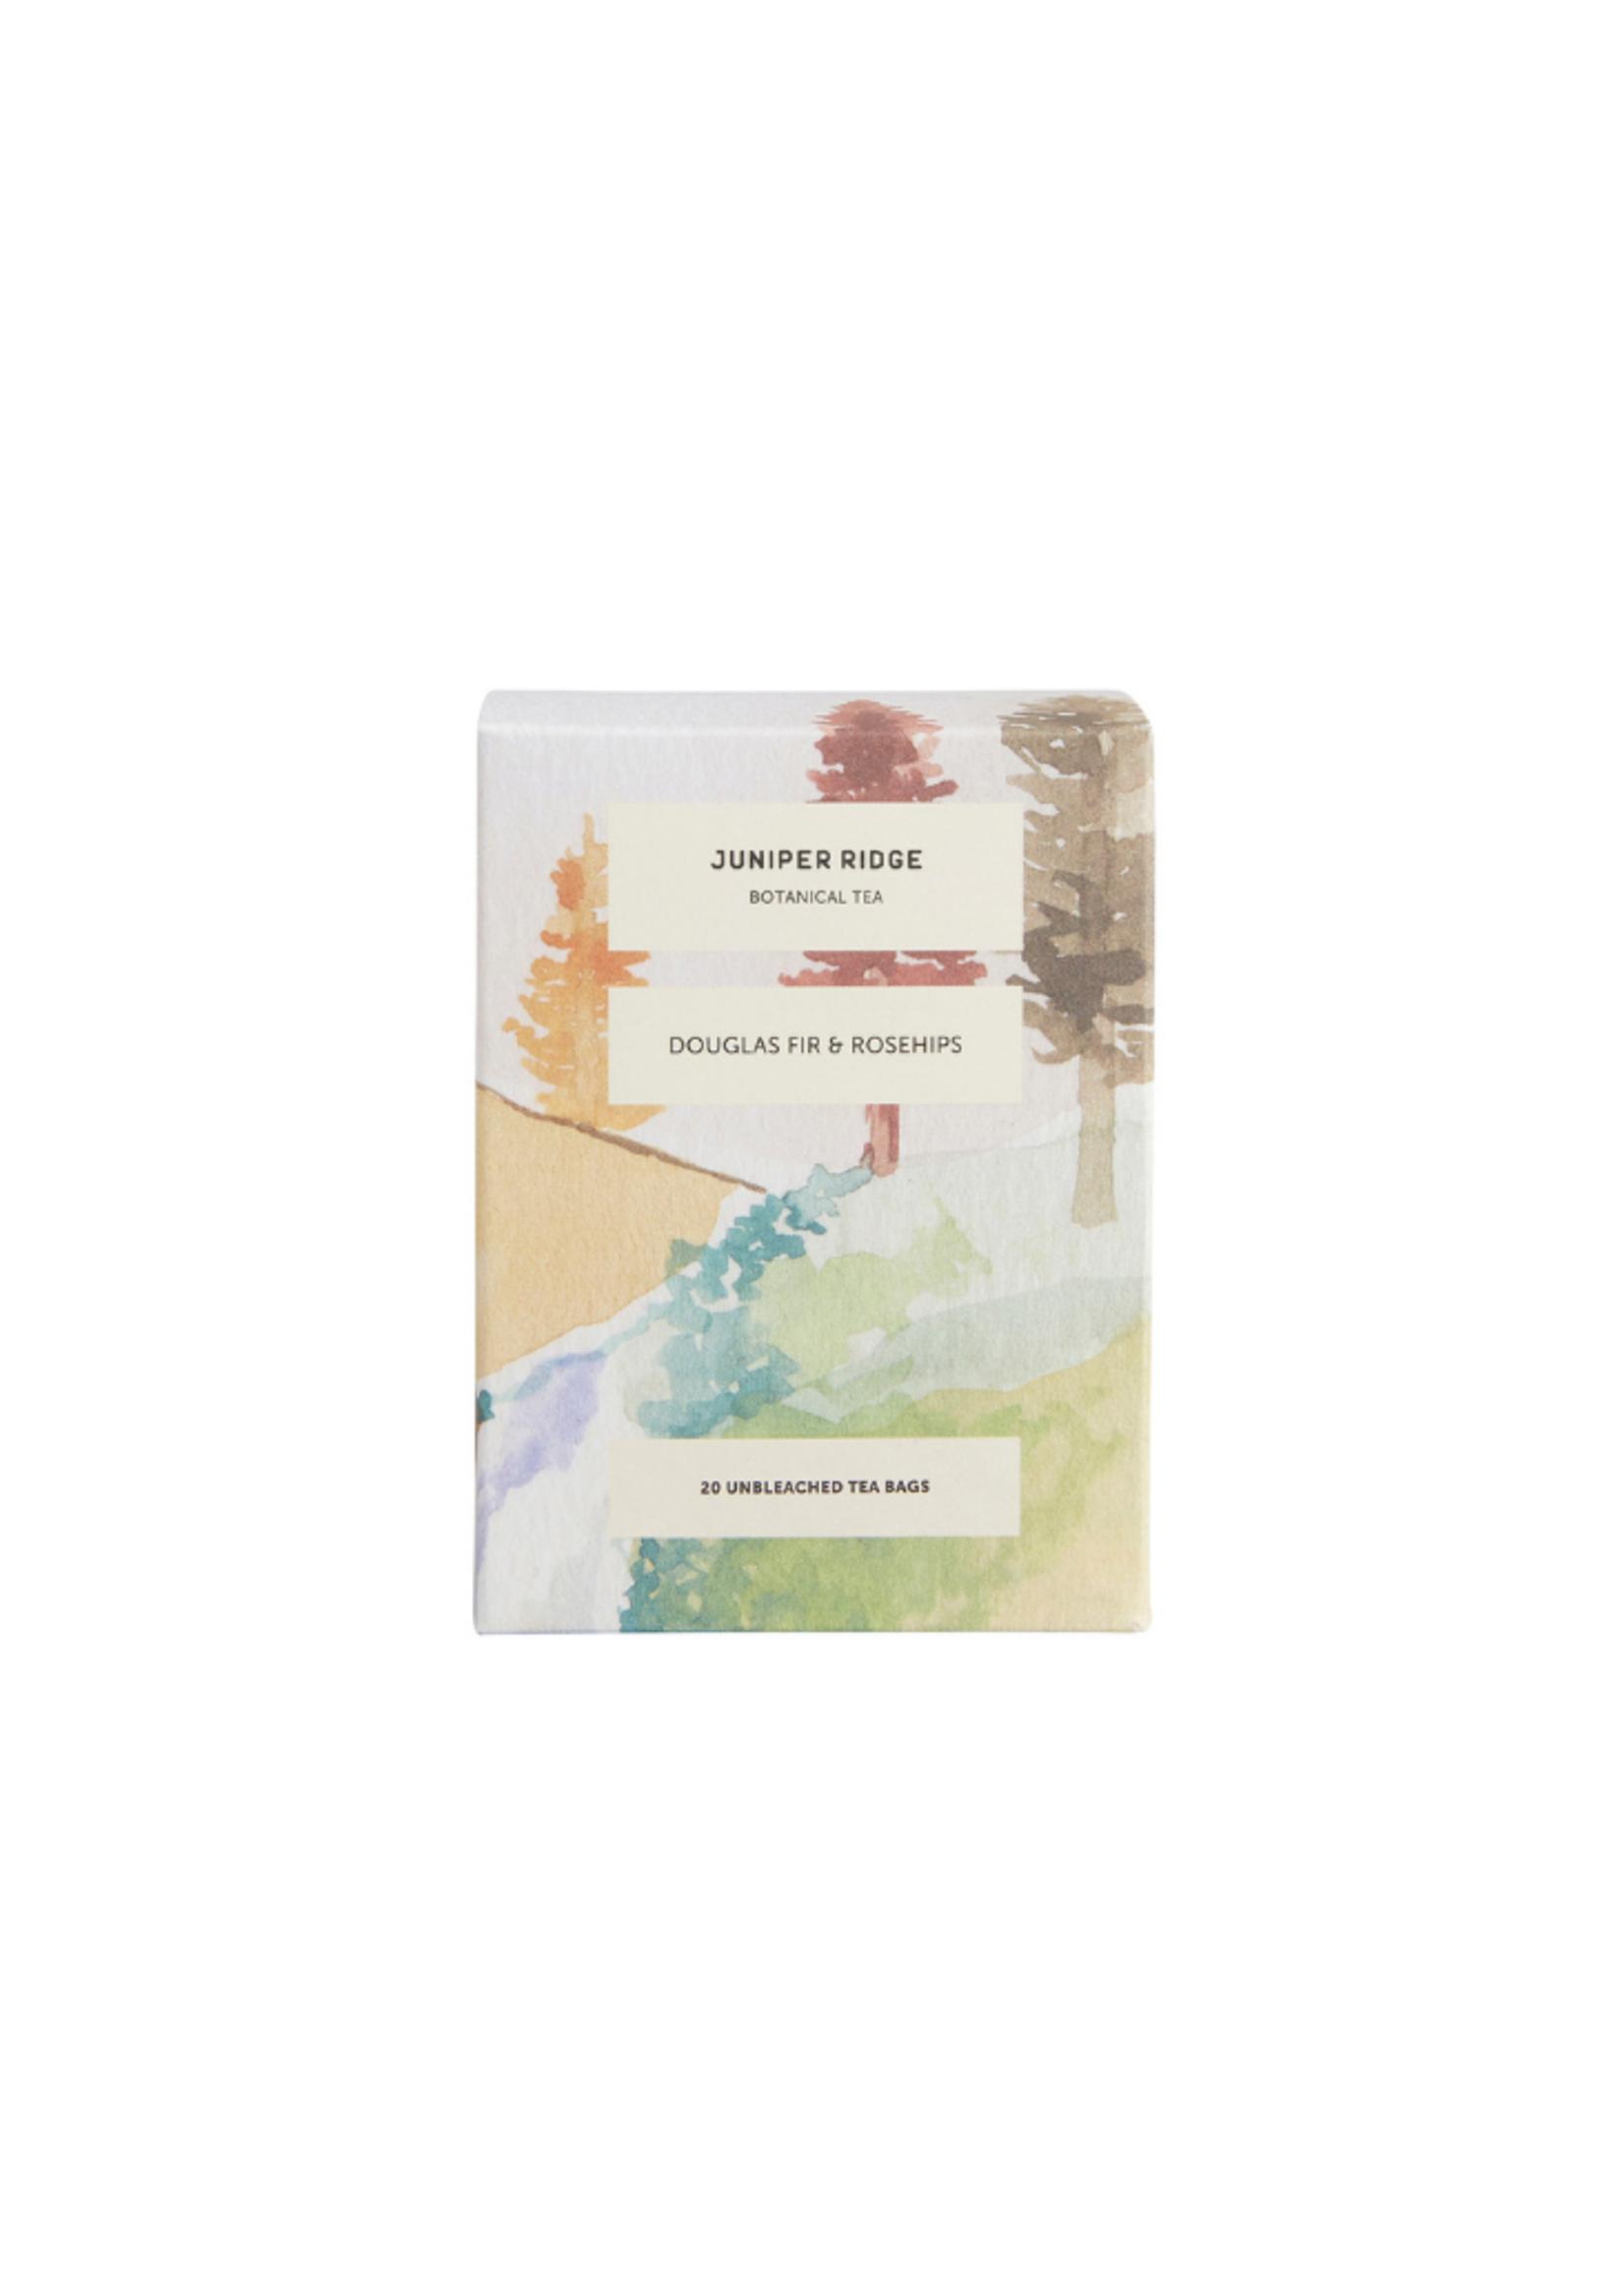 Juniper Ridge Douglas Fir & Rosehips Botanical Tea